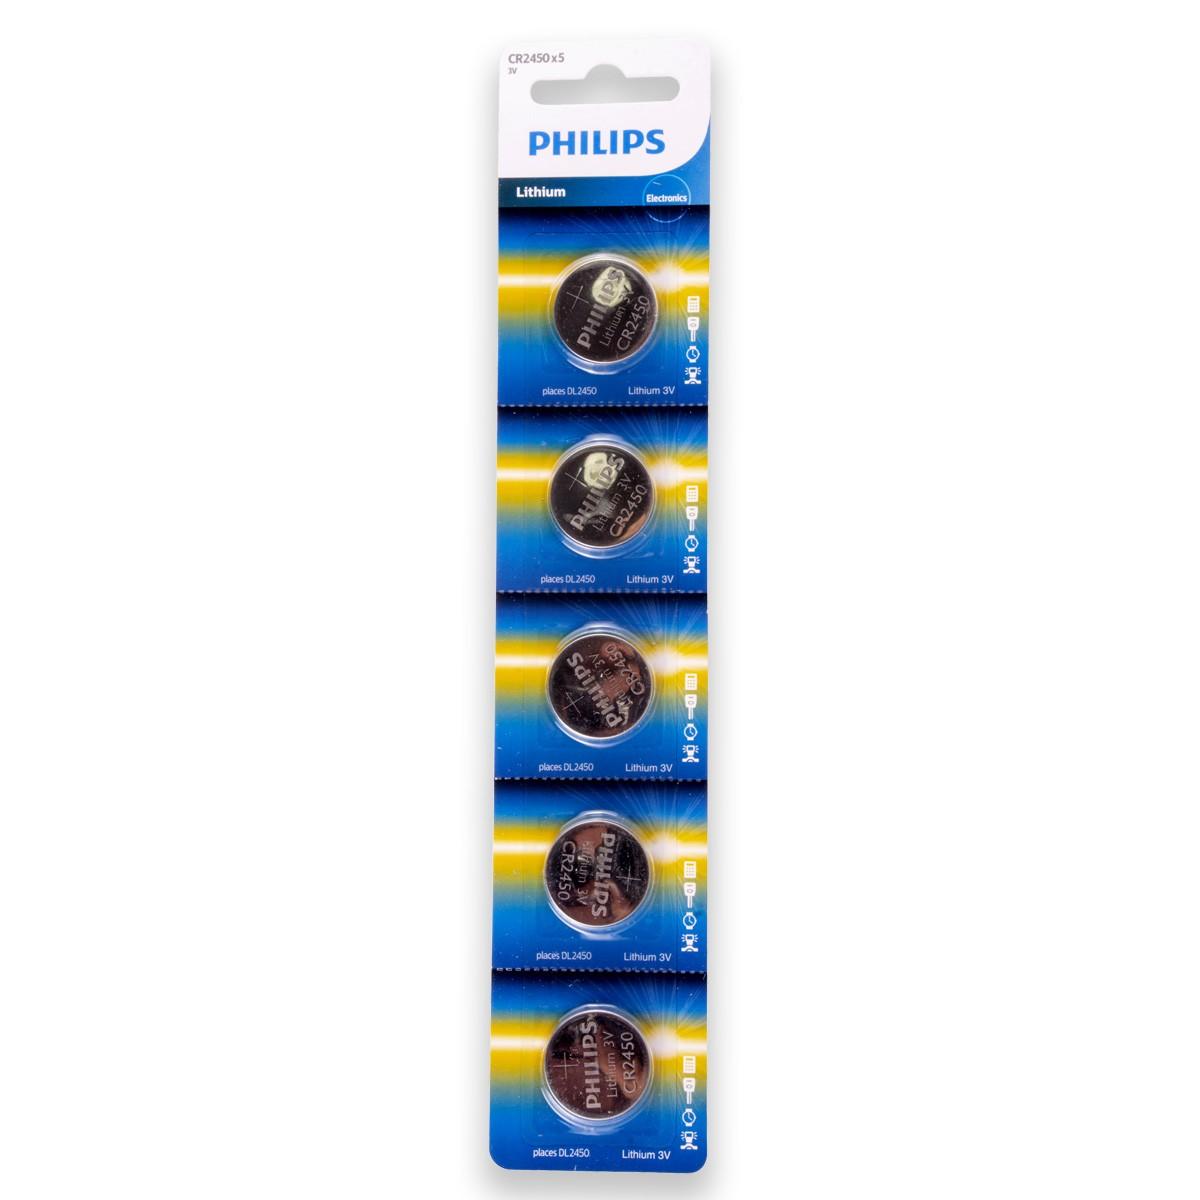 10 Pilhas PHILIPS CR2450 3v Bateria Original - 2 cartelas